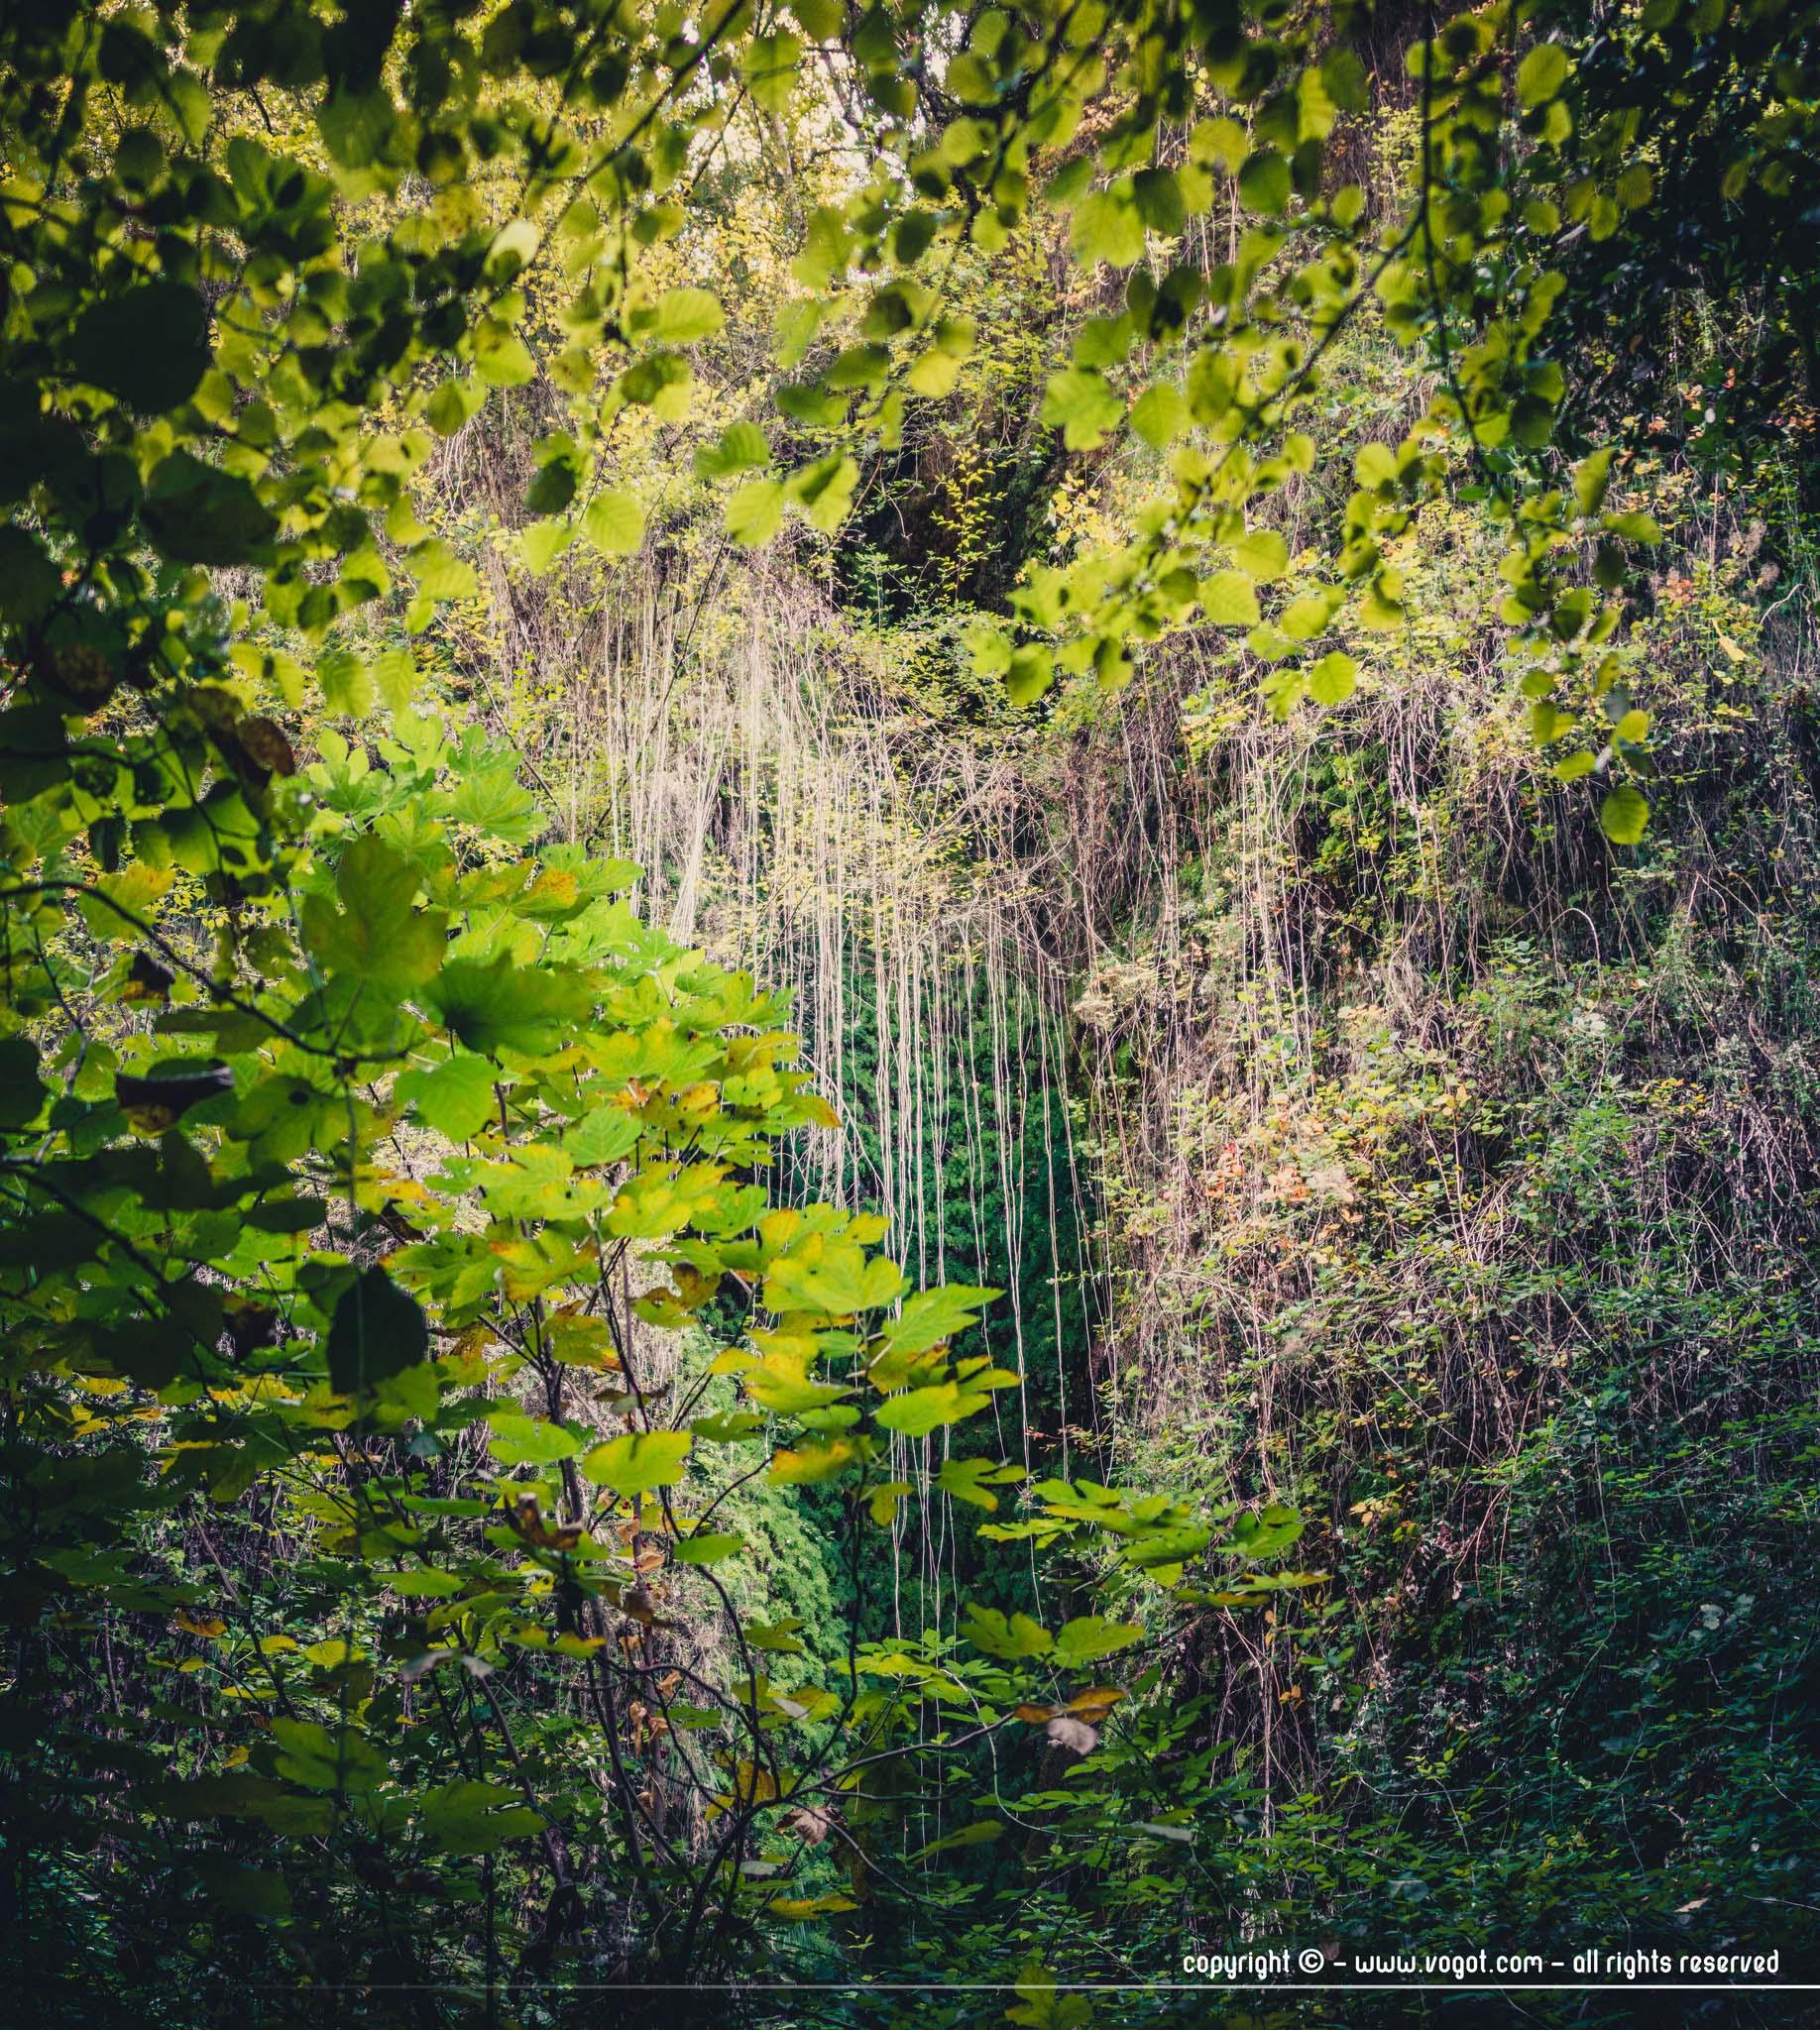 Vallon obscur du Donareo - végétation luxuriante